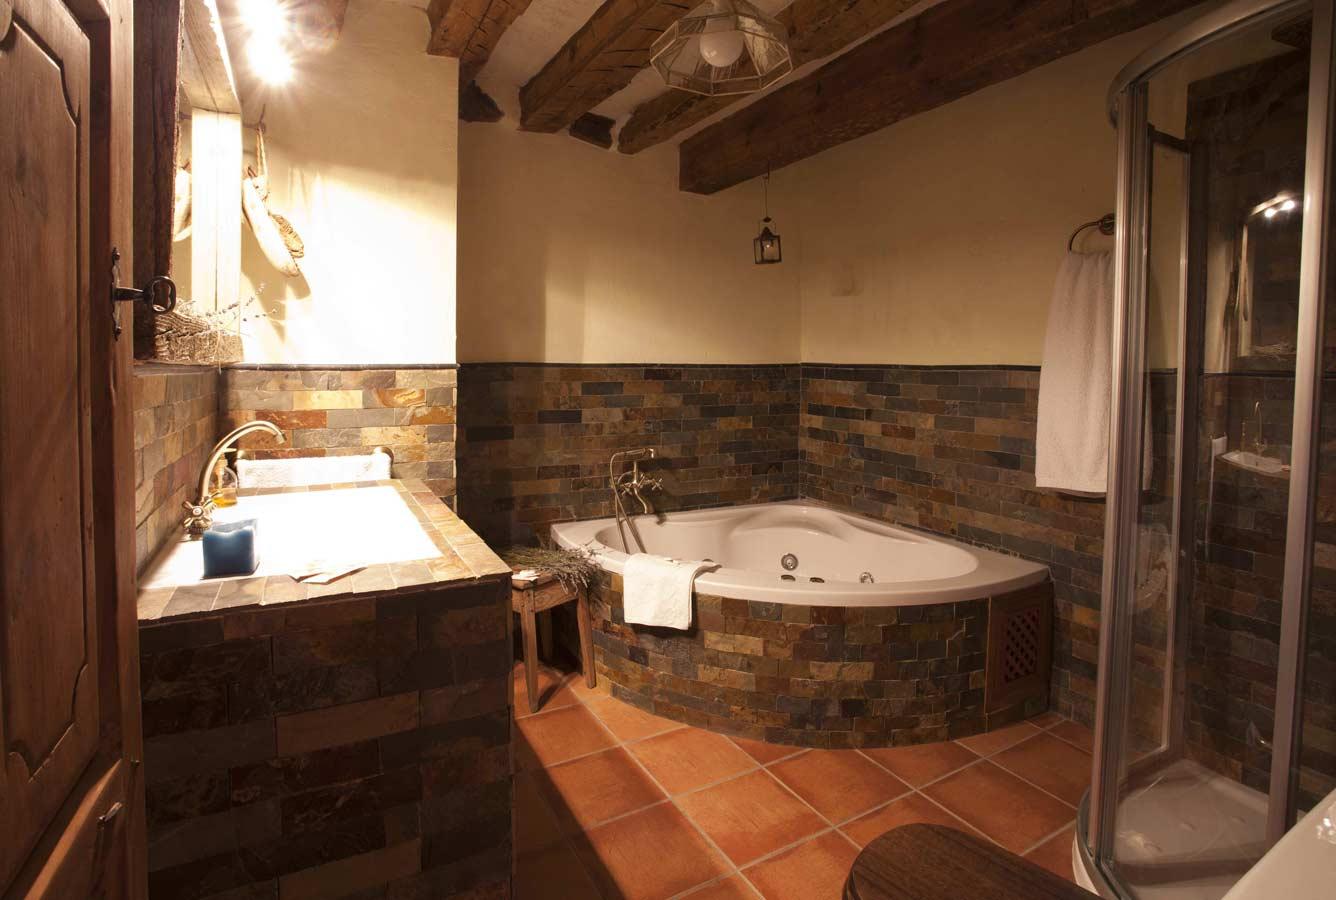 Baños Jacuzzi Modernos:Casa Rural en Cuenca Baño equipado con jacuzzi y columna/ducha de